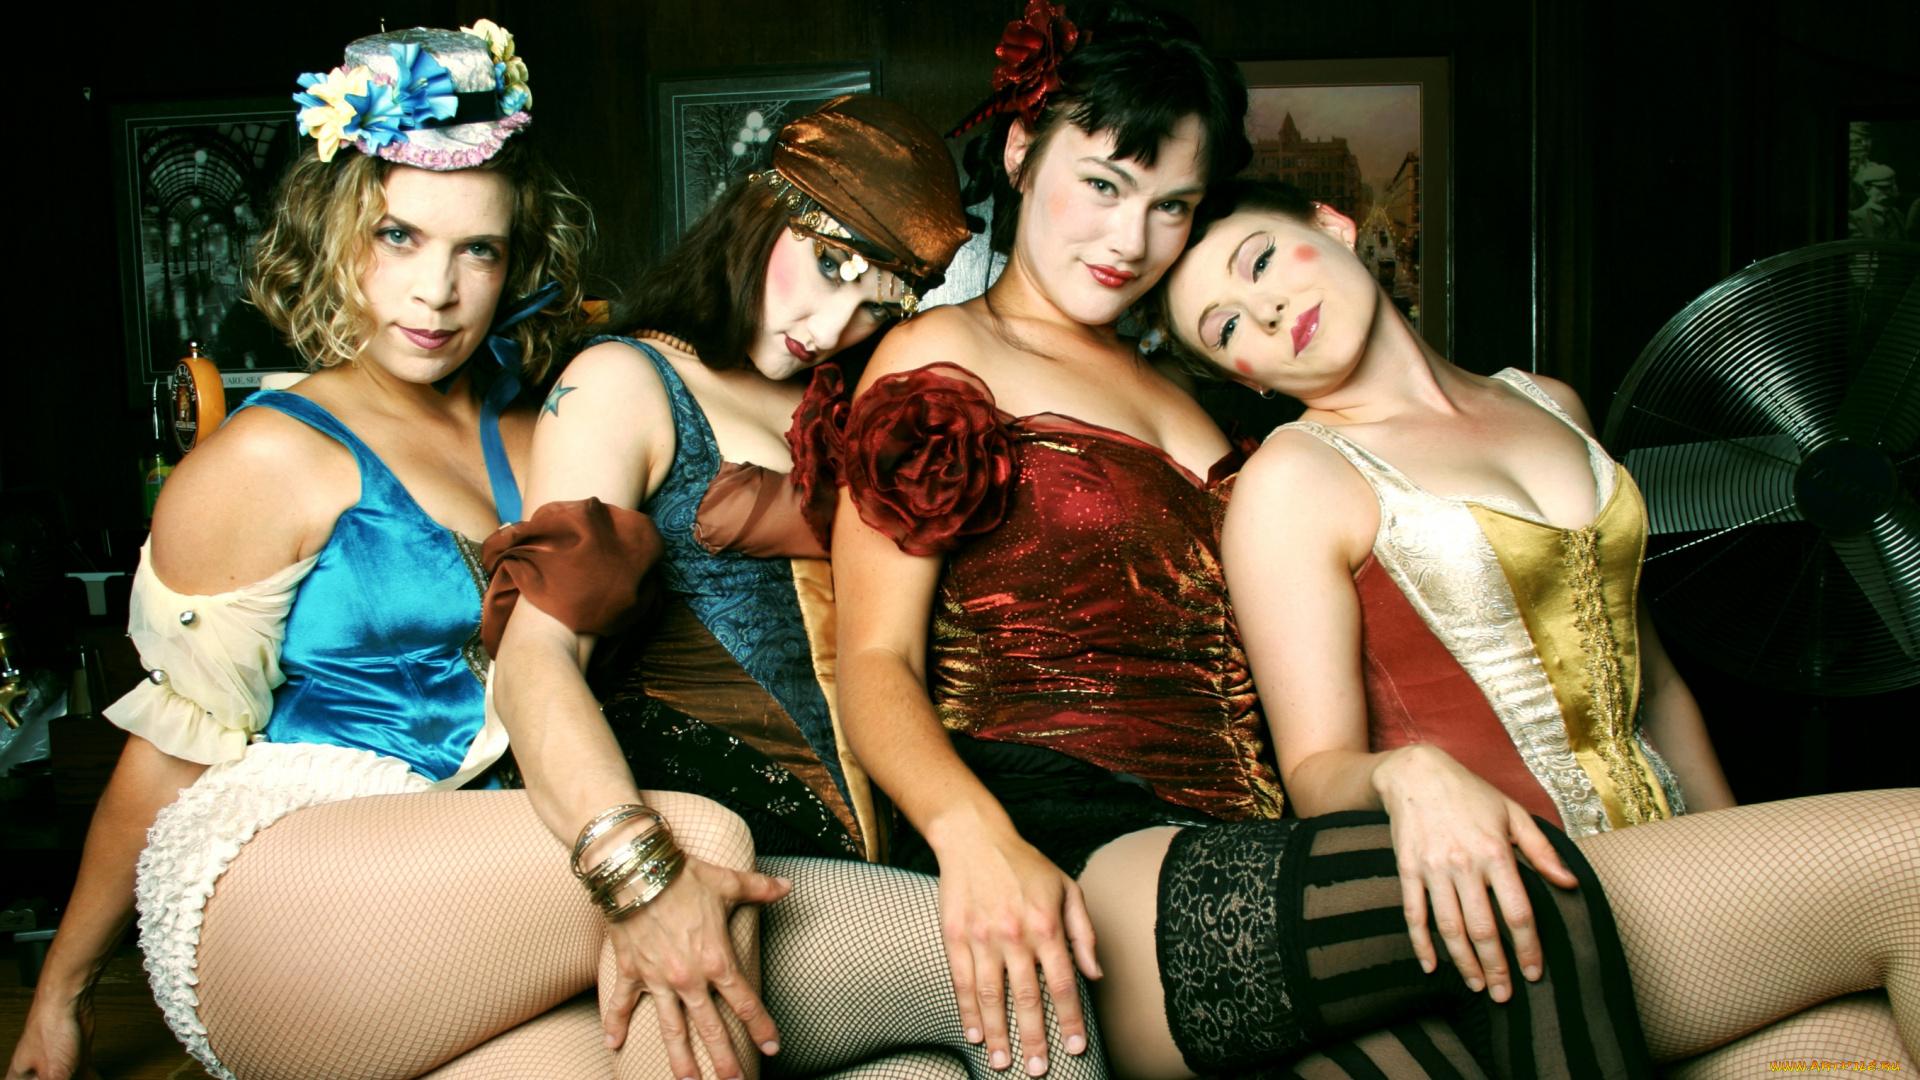 Проститутки группа проститутки в борисполі